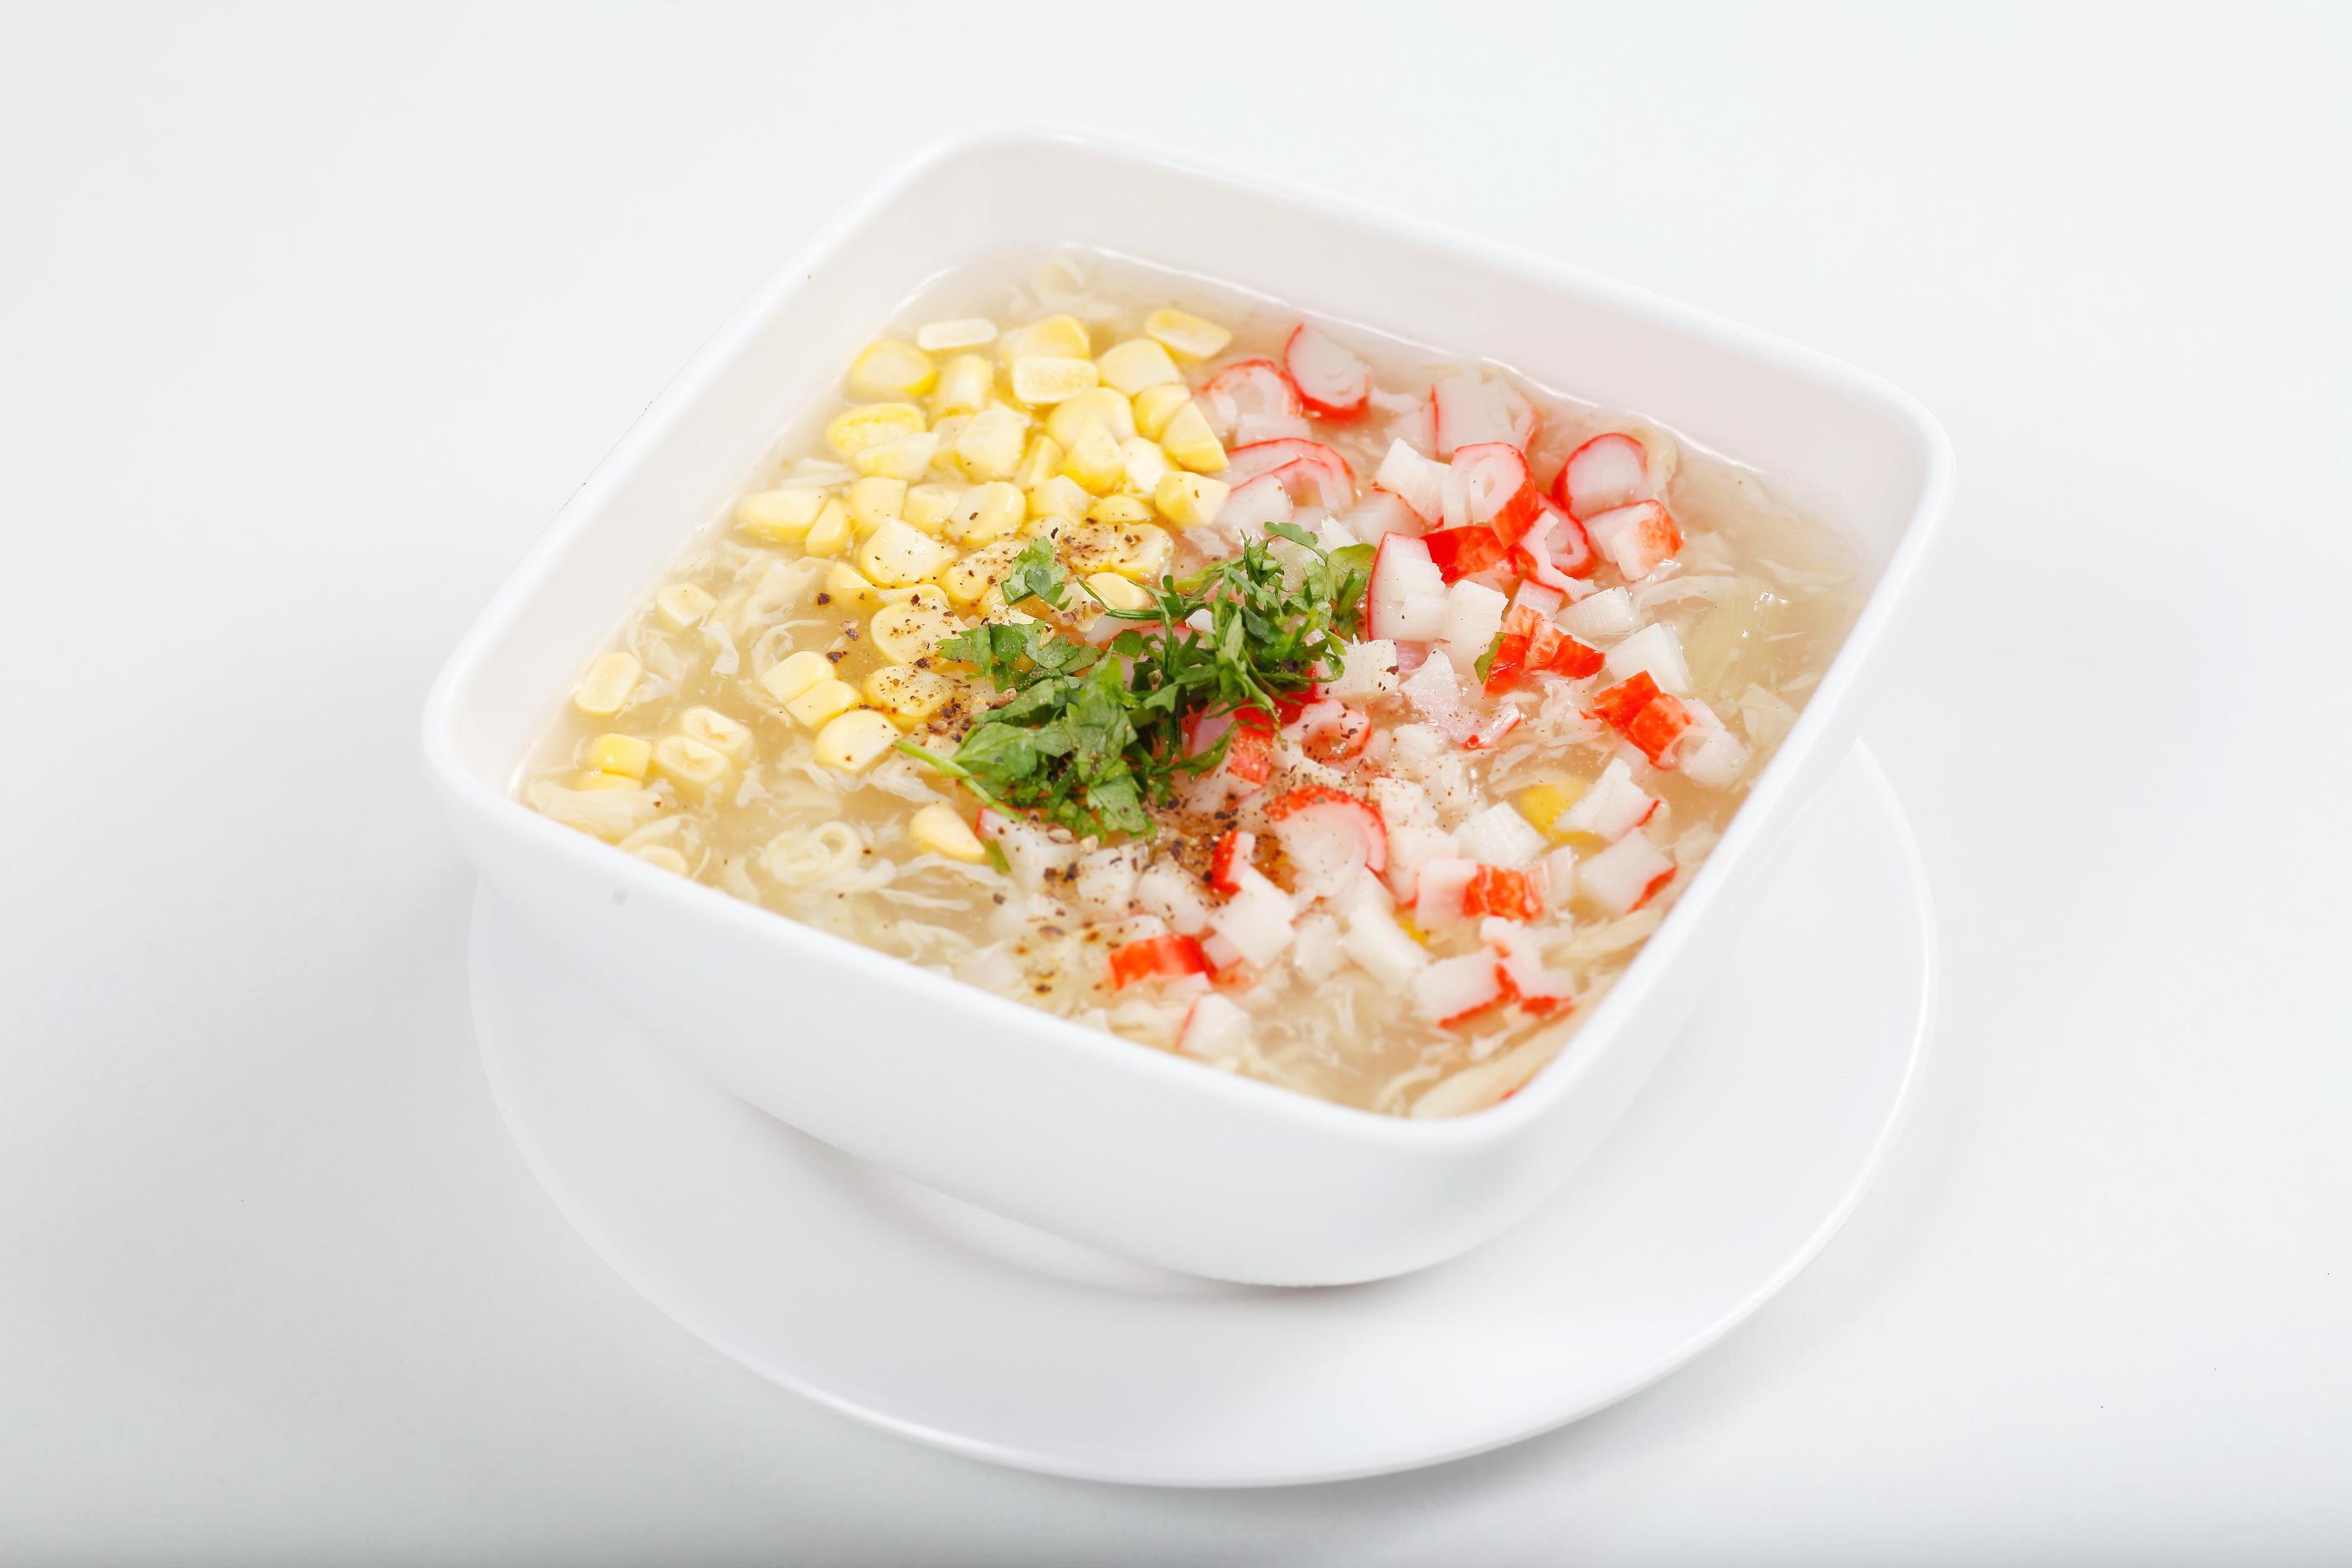 Người mới ốm dậy nên ăn thực phẩm dạng lỏng để dễ tiêu hóa